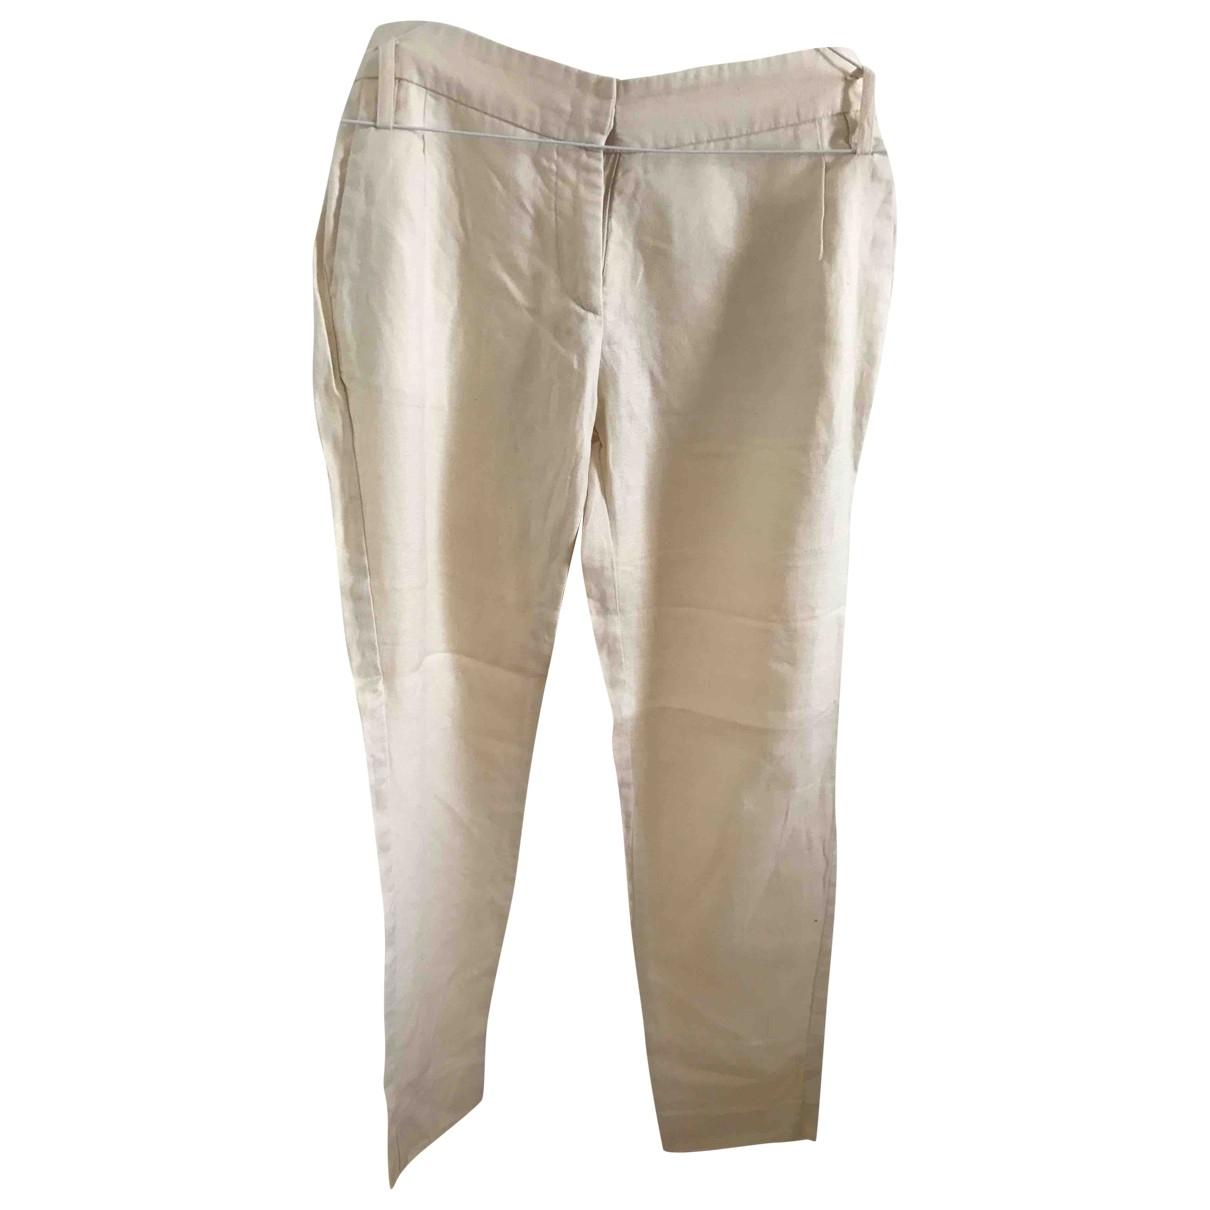 Maison Kitsune \N Beige Linen Trousers for Women 34 FR